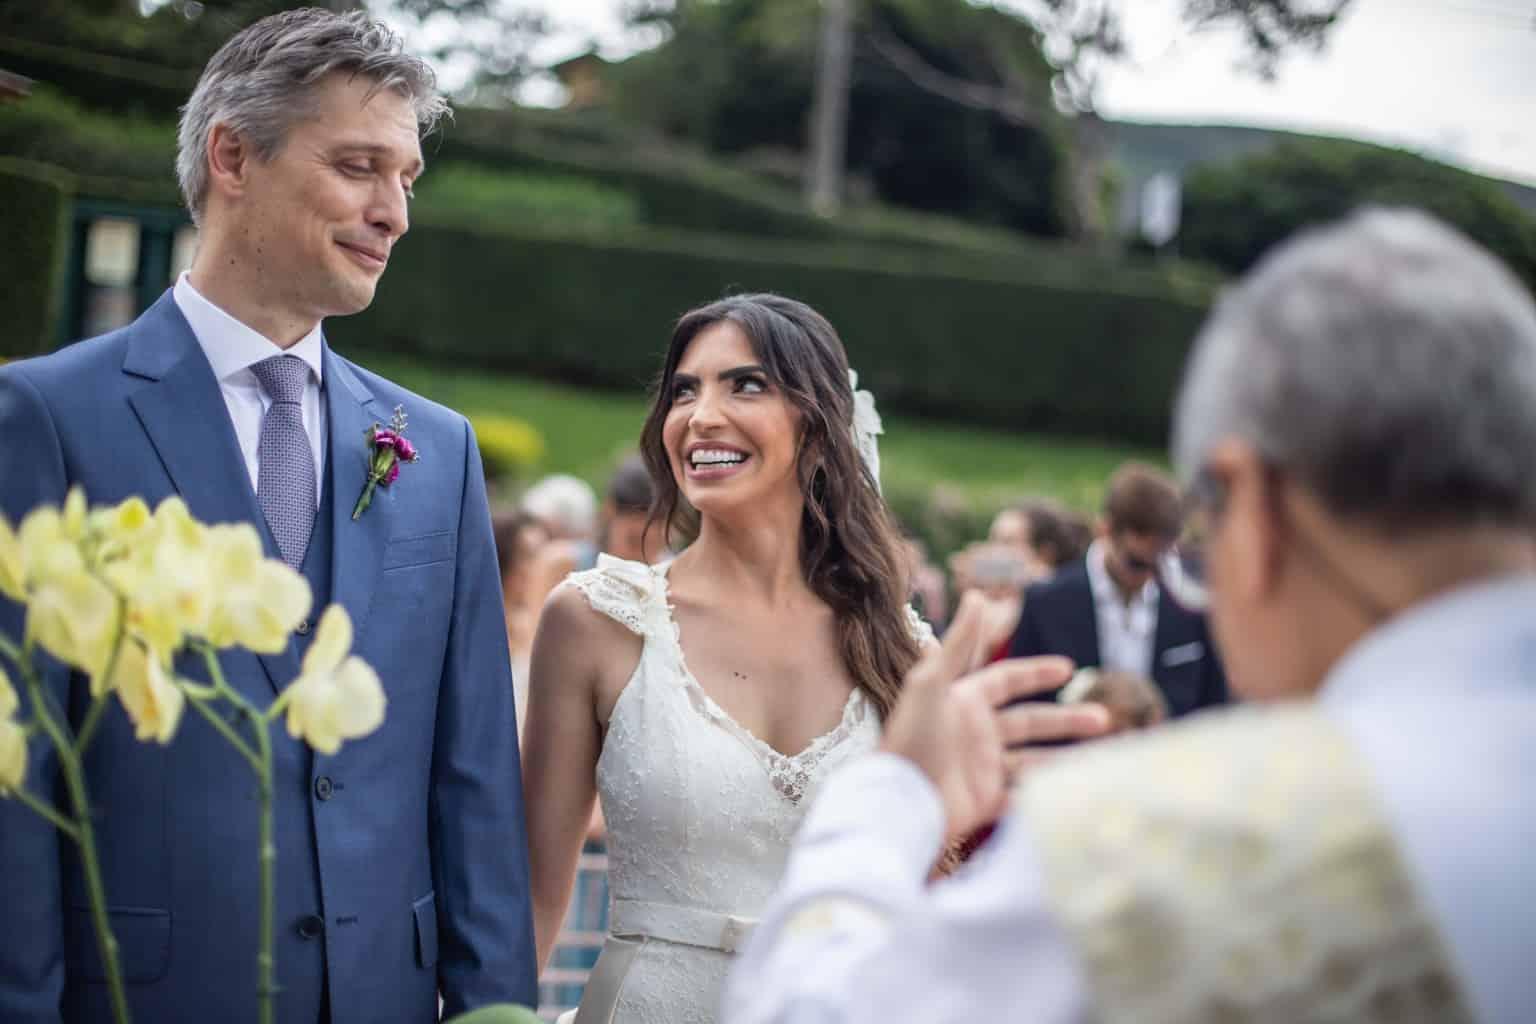 casamento-na-serra-cerimonia-ao-ar-livre-Fotografia-Laura-Campanella-graviola-filmes-Juliana-e-Sebastian-noivos-no-altar-Pousada-La-Belle-Bruna118